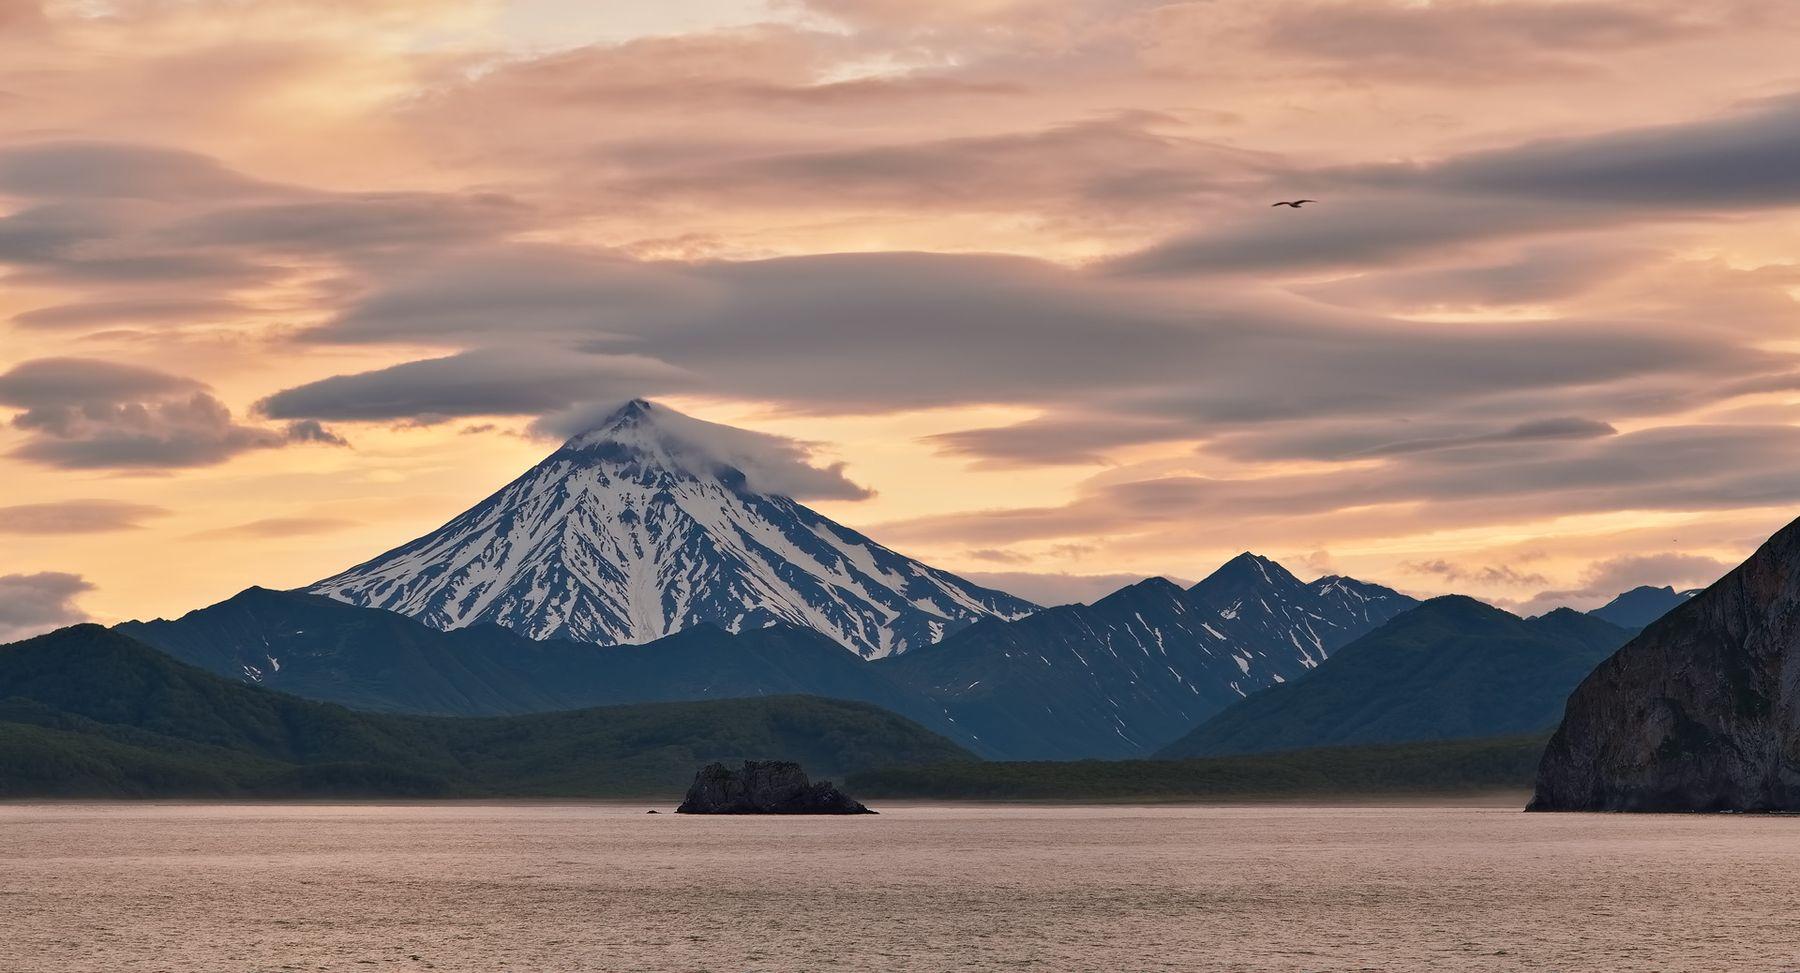 вечер в кремовых тонах берег вечер рейд вулкан Вилючинский летняя Камчатка